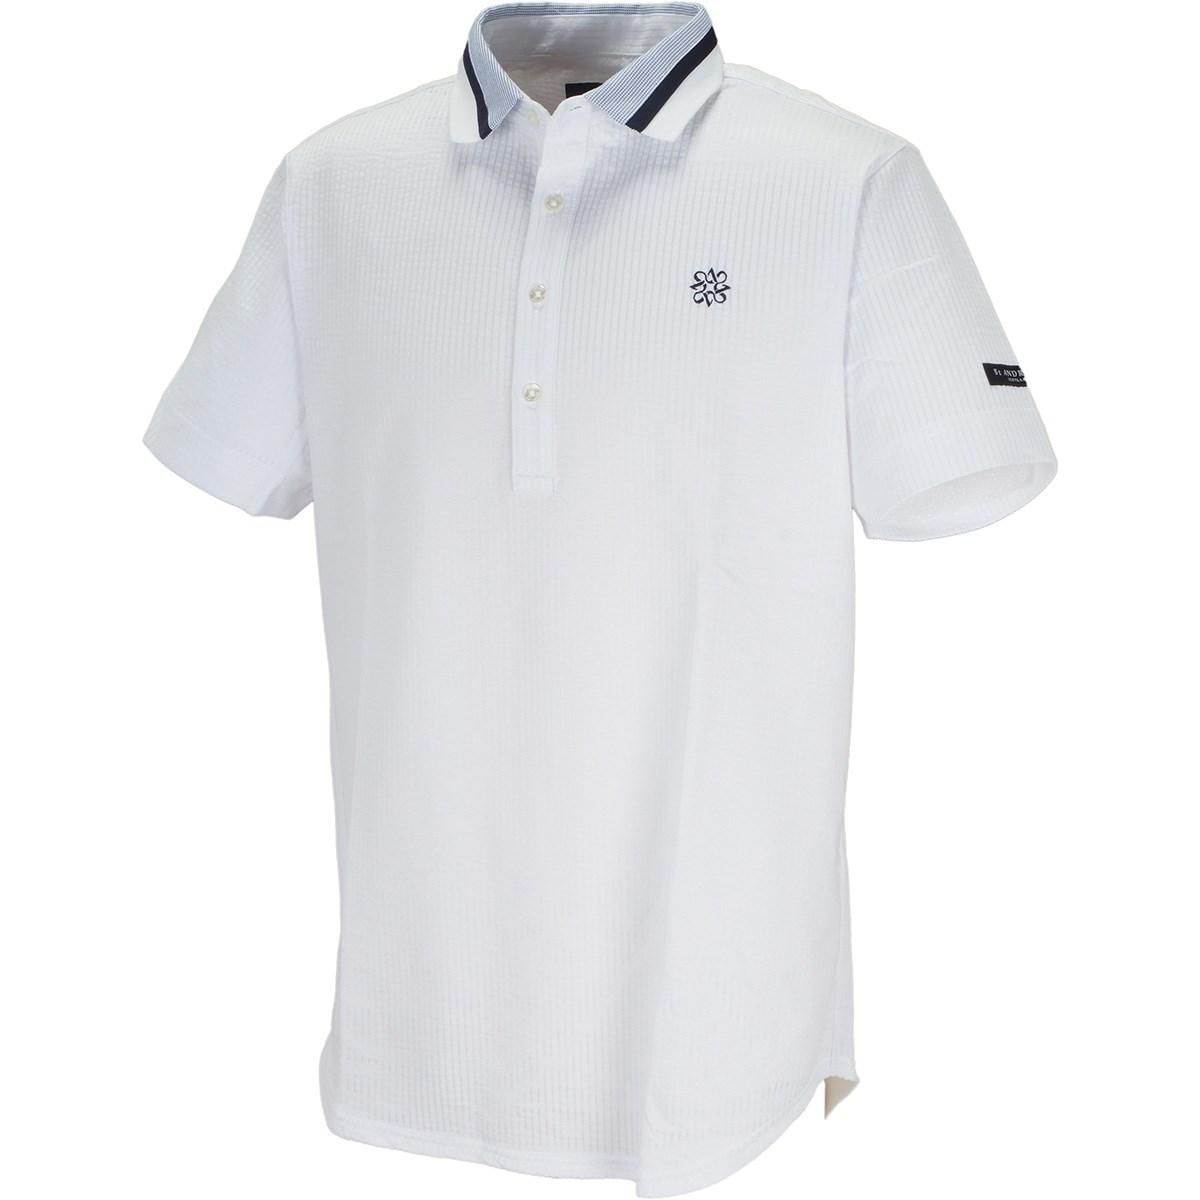 セント・アンドリュース St ANDREWS サッカーストライプ 半袖ポロシャツ M ホワイト 030